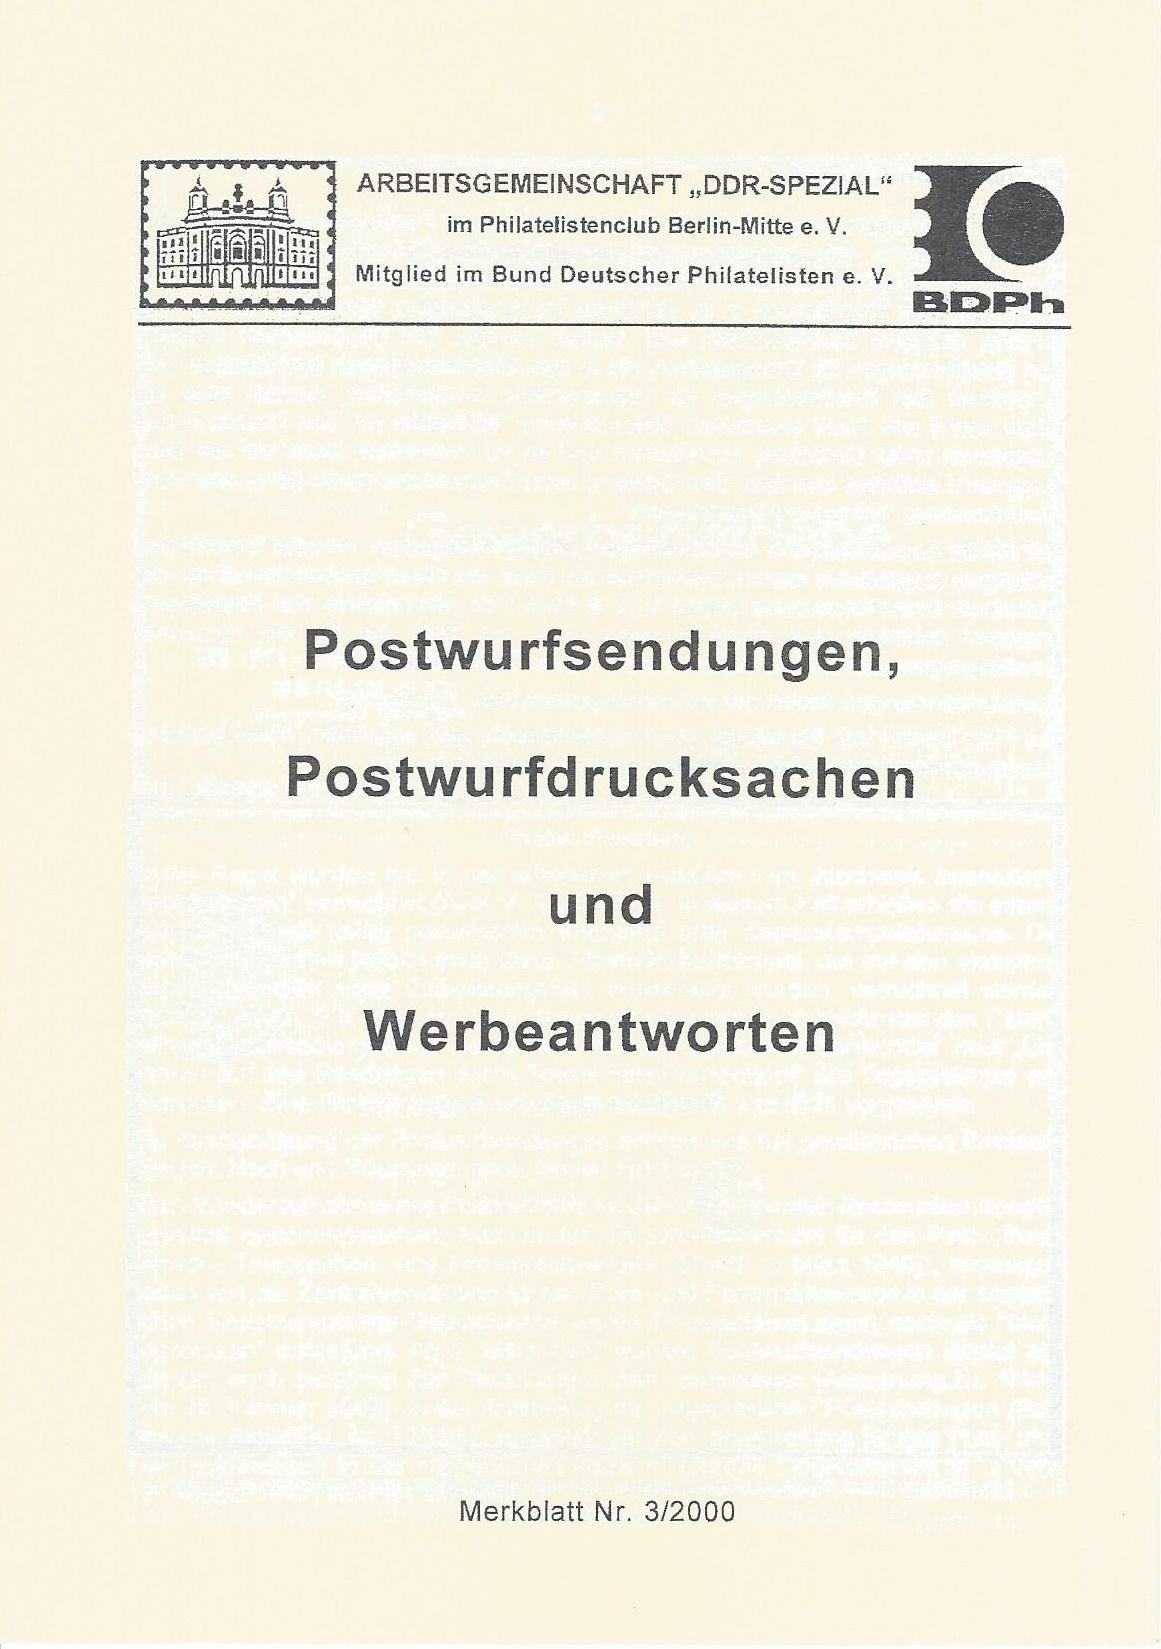 DDR Philatelie Literatur Postwurfsendung Werbeantwort